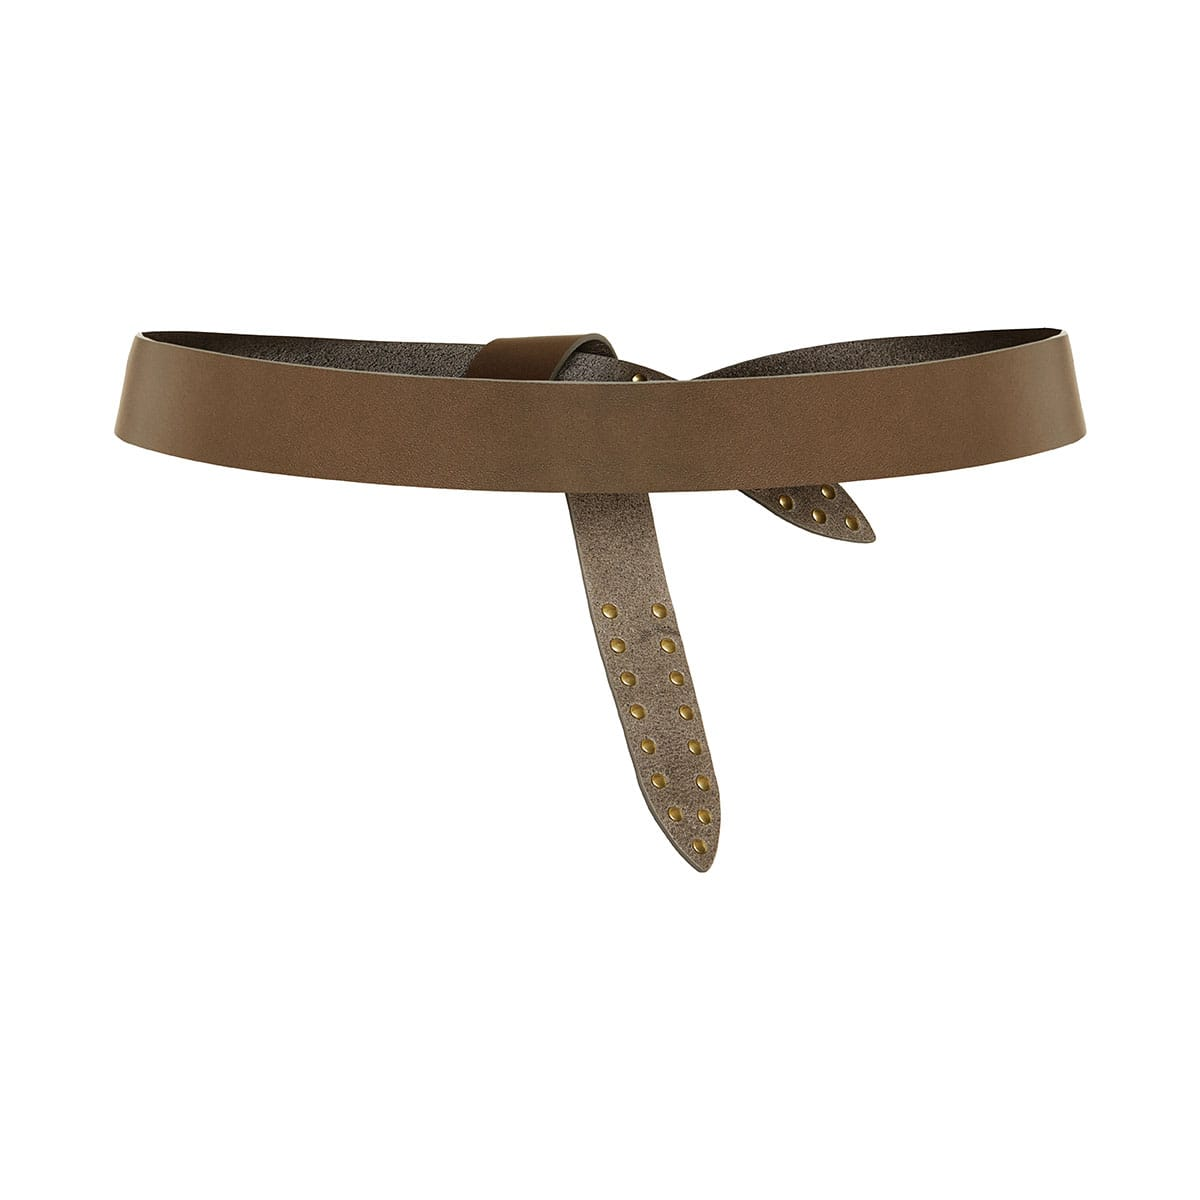 Stud-embellished knotted belt